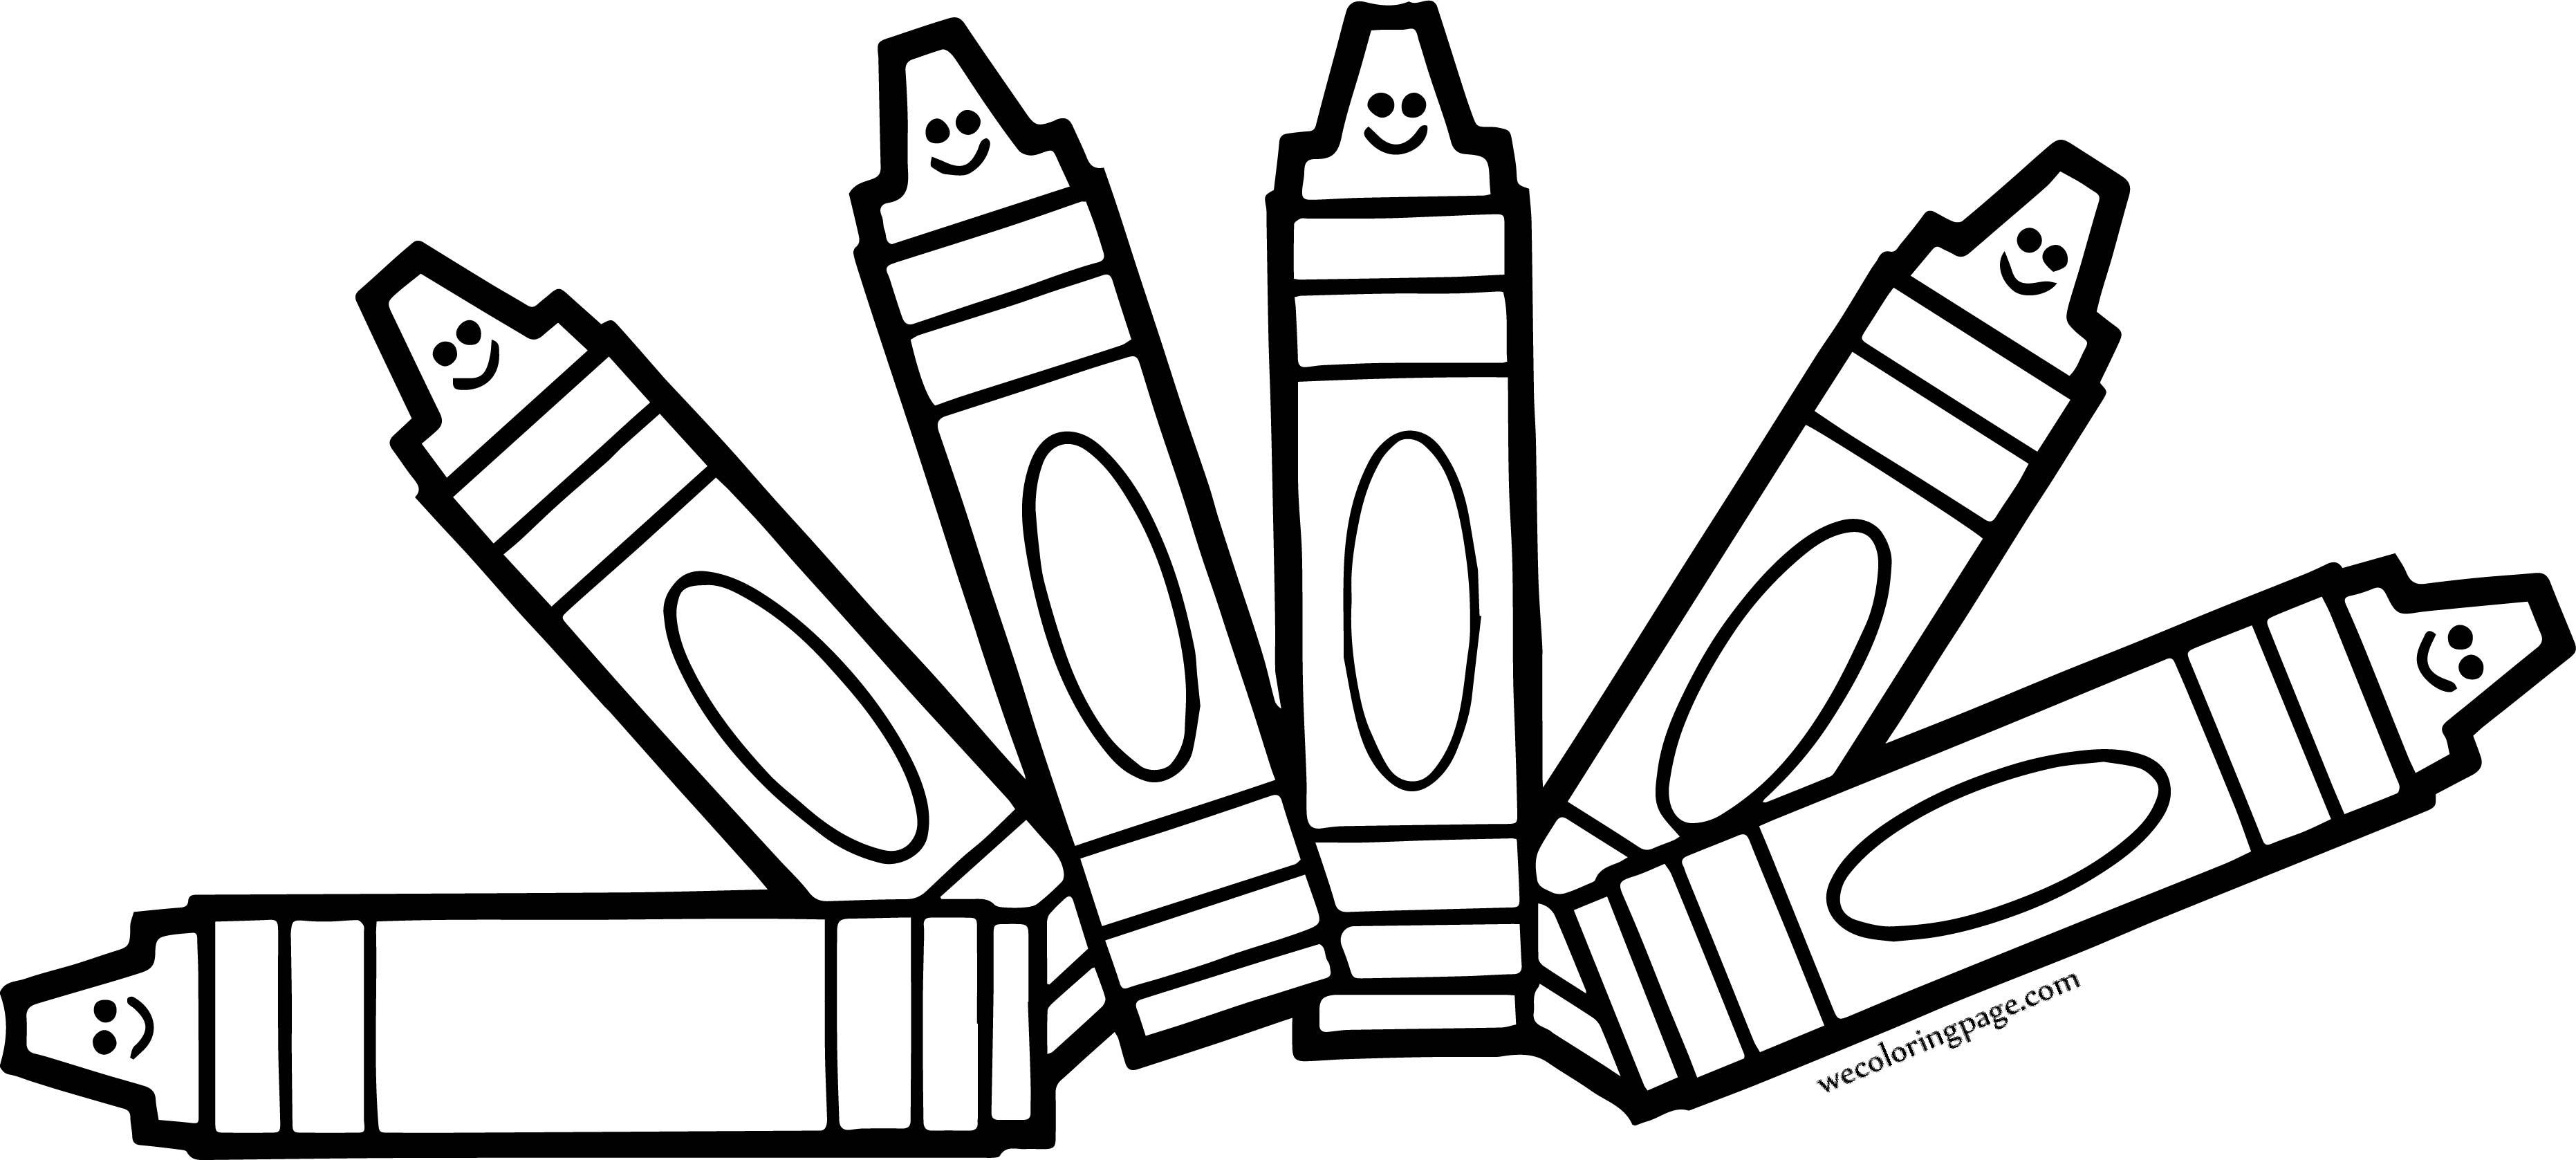 Six Crayon Cartoon Pen Coloring Page